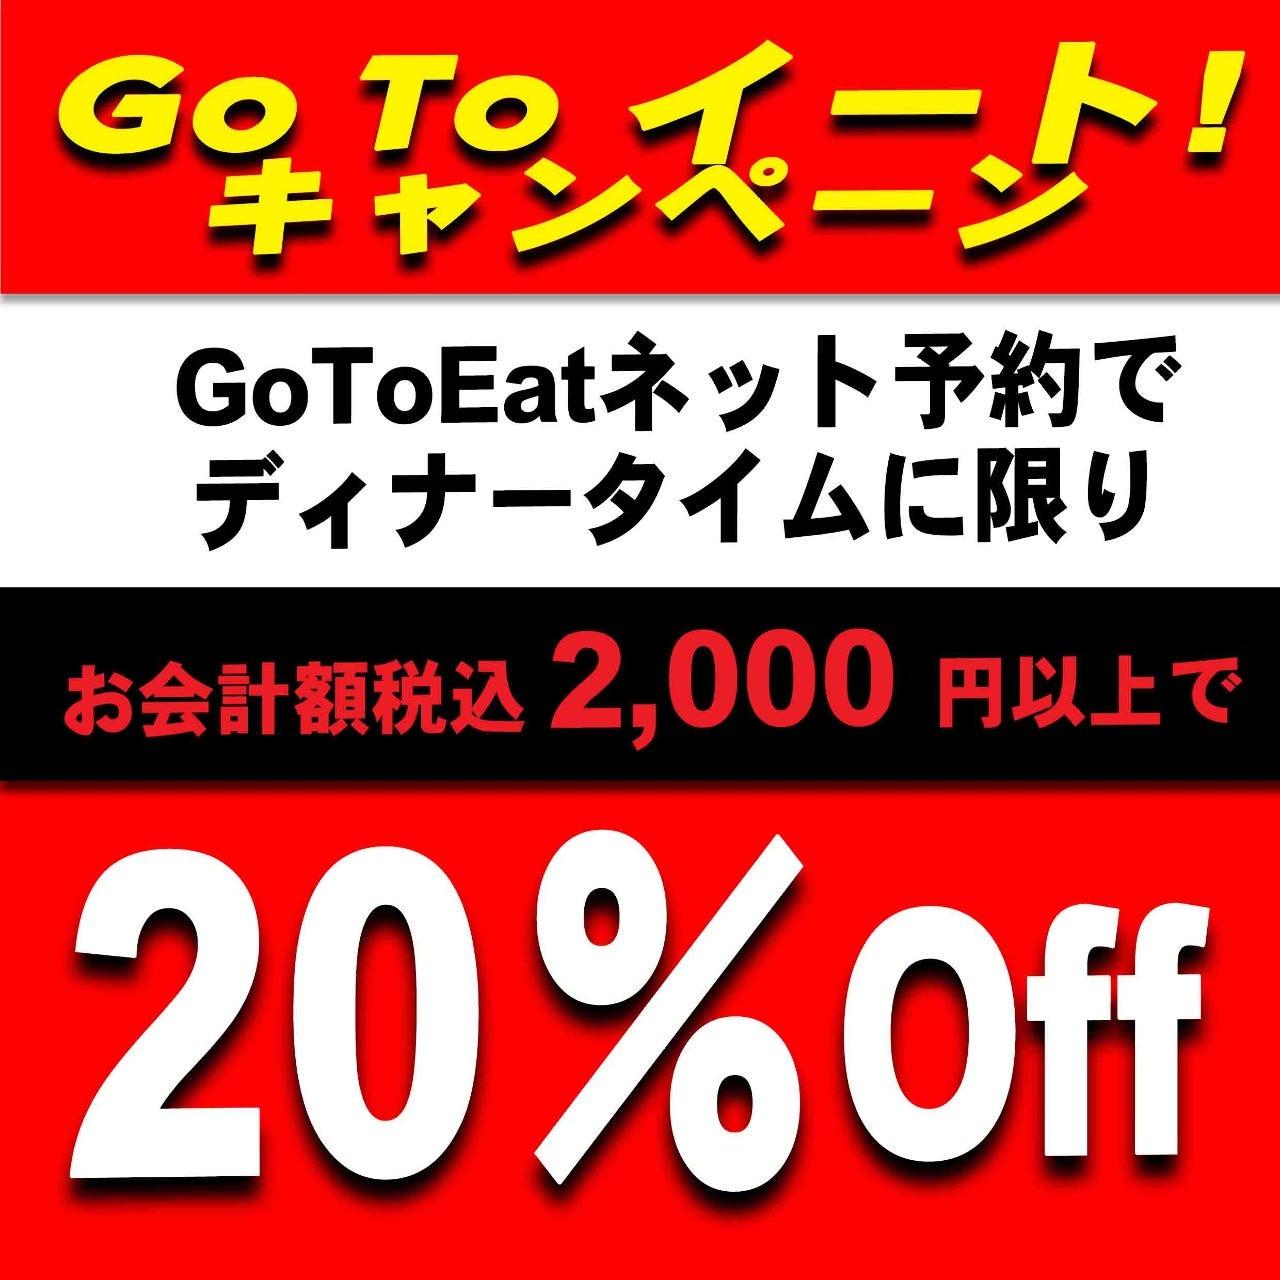 【お席のみご予約】GoToEatキャンペーン!ディナータイムお会計額2000円(税込)以上で20%OFFサービス